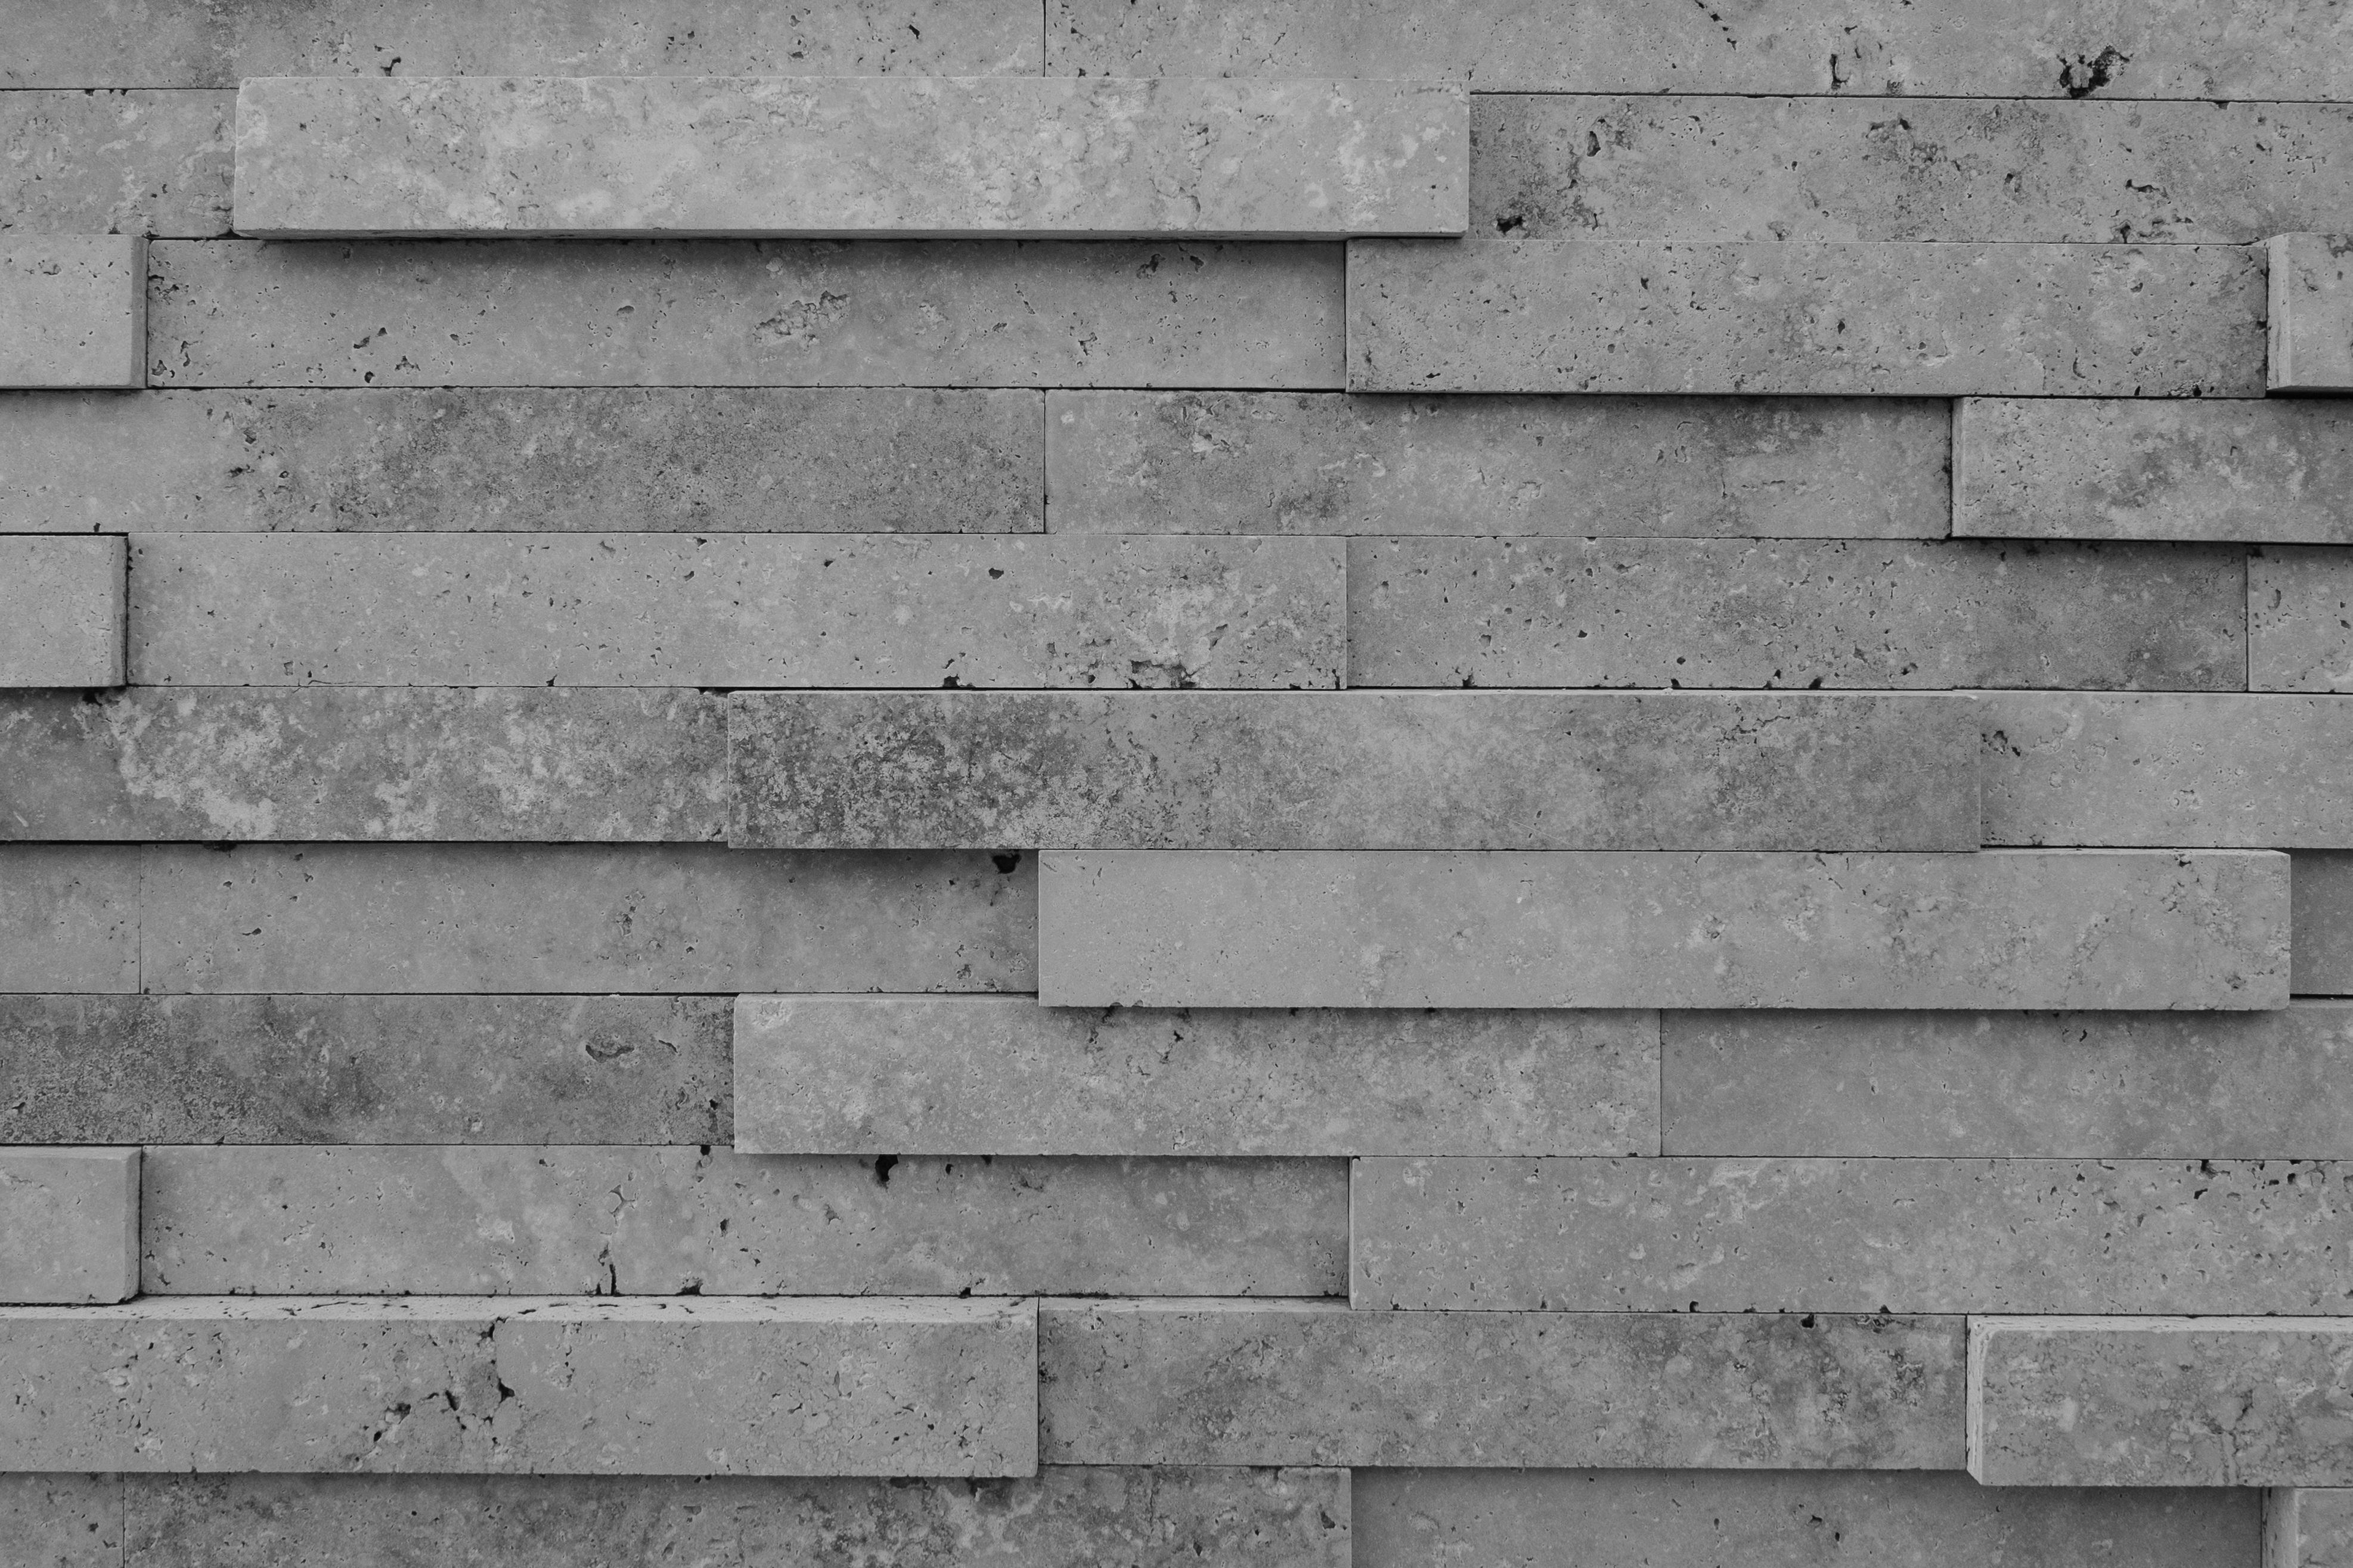 Stenen Muur Wit : Gratis afbeeldingen zwart en wit structuur hout verdieping